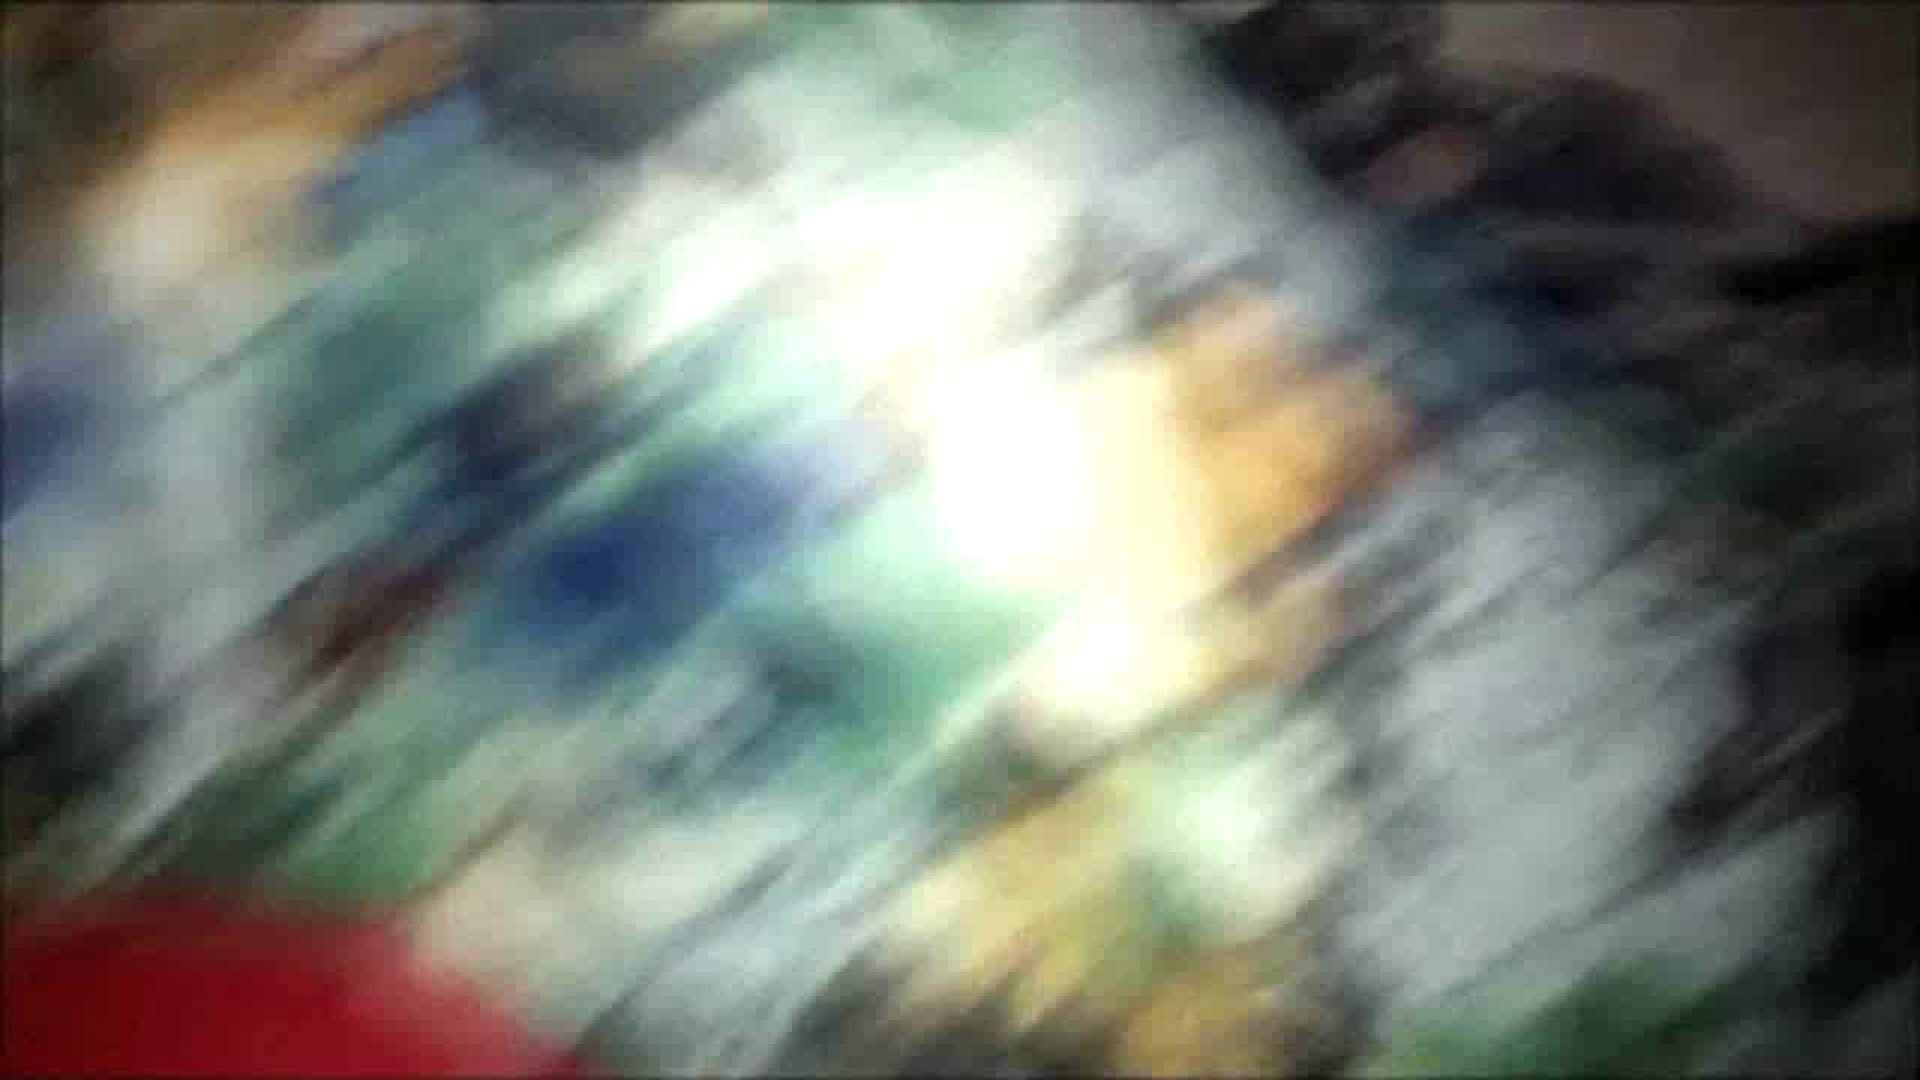 魔術師の お・も・て・な・し vol.15 ギャル系女子大生にブチ込ム! すけべな女子大生 | すけべなOL  104画像 1